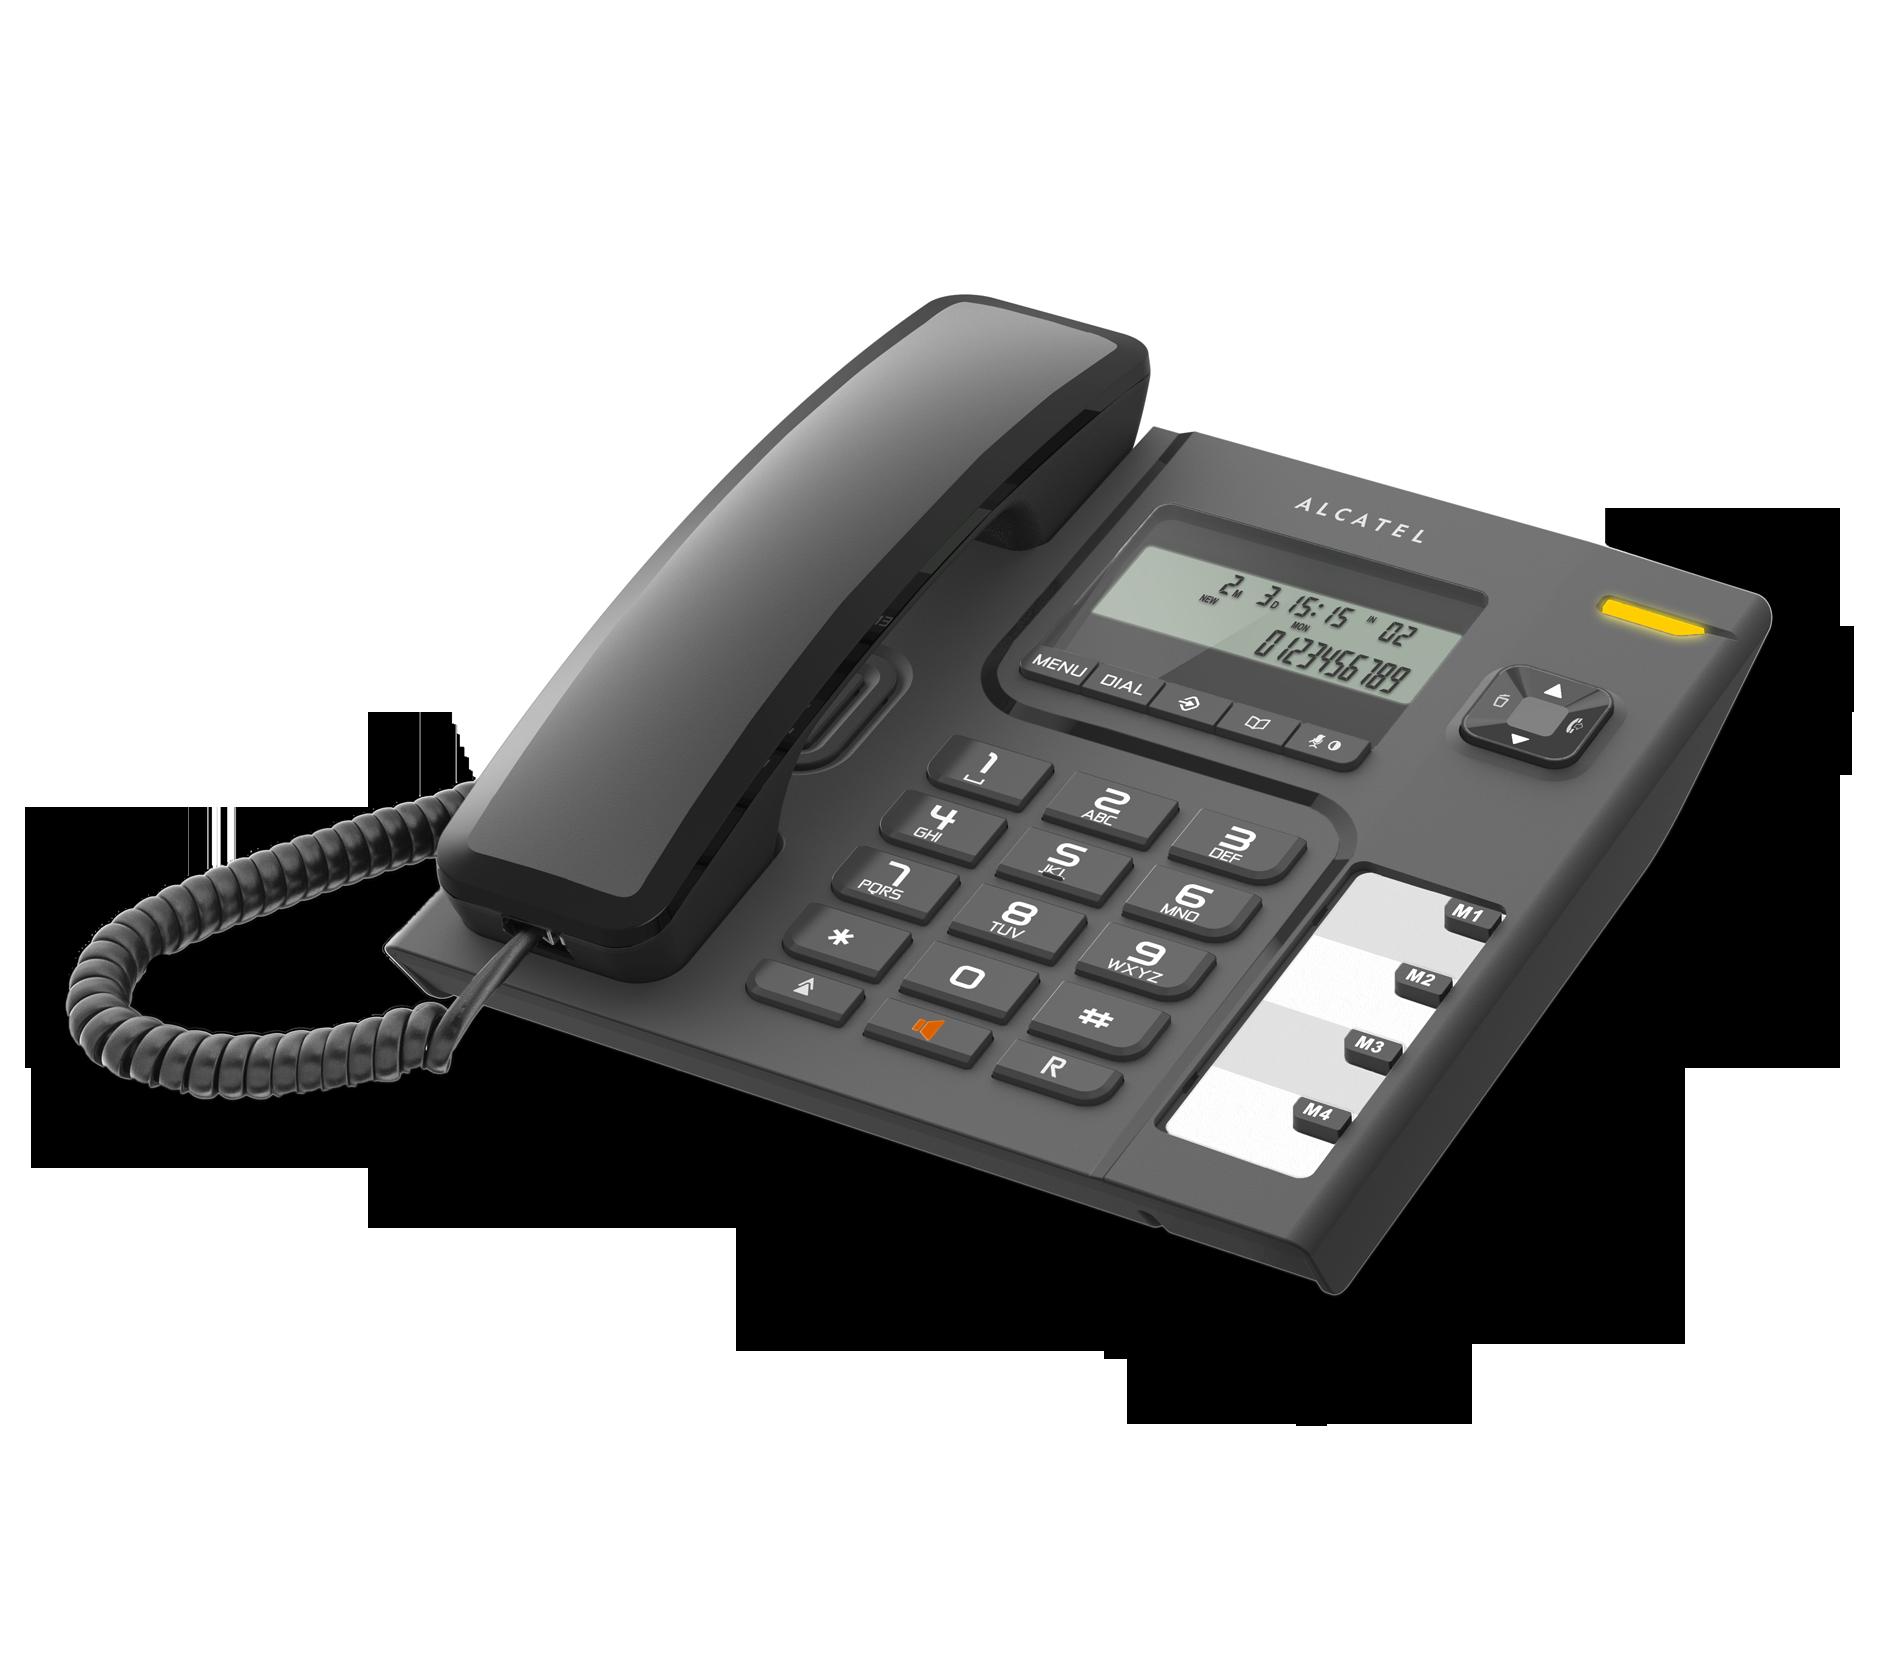 Τηλεφωνική συσκευή αναλογική Alcatel T 56